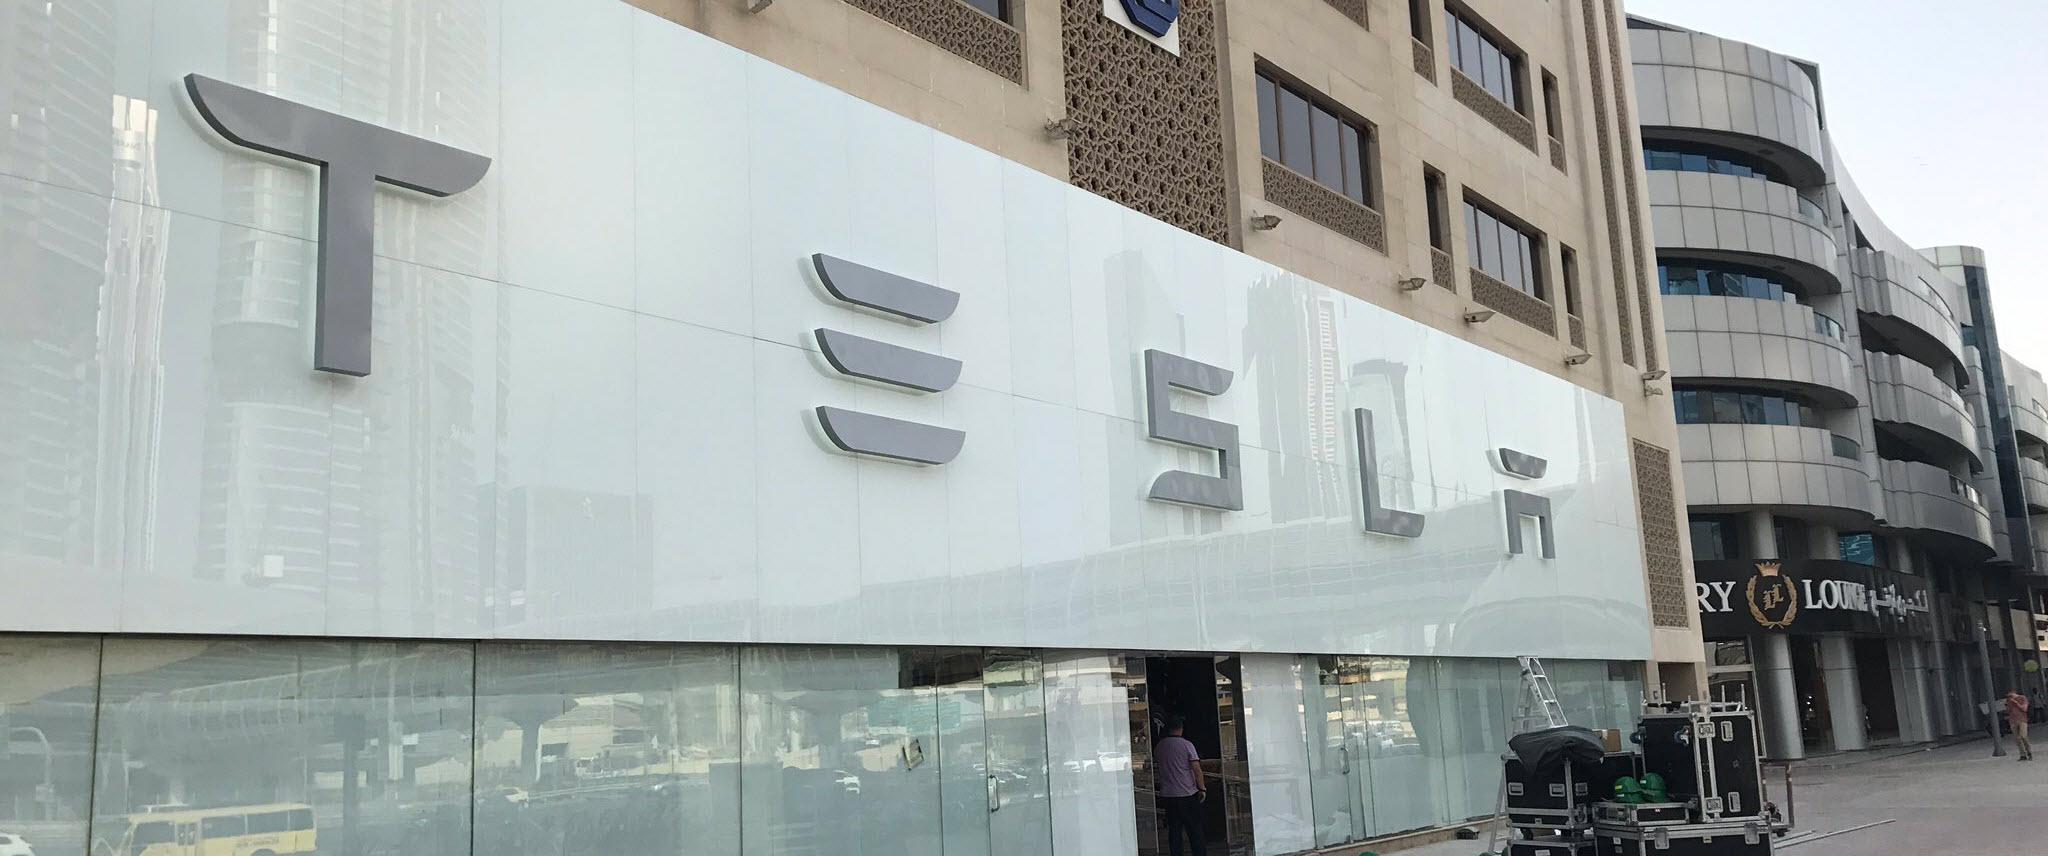 Tesla Dubai store